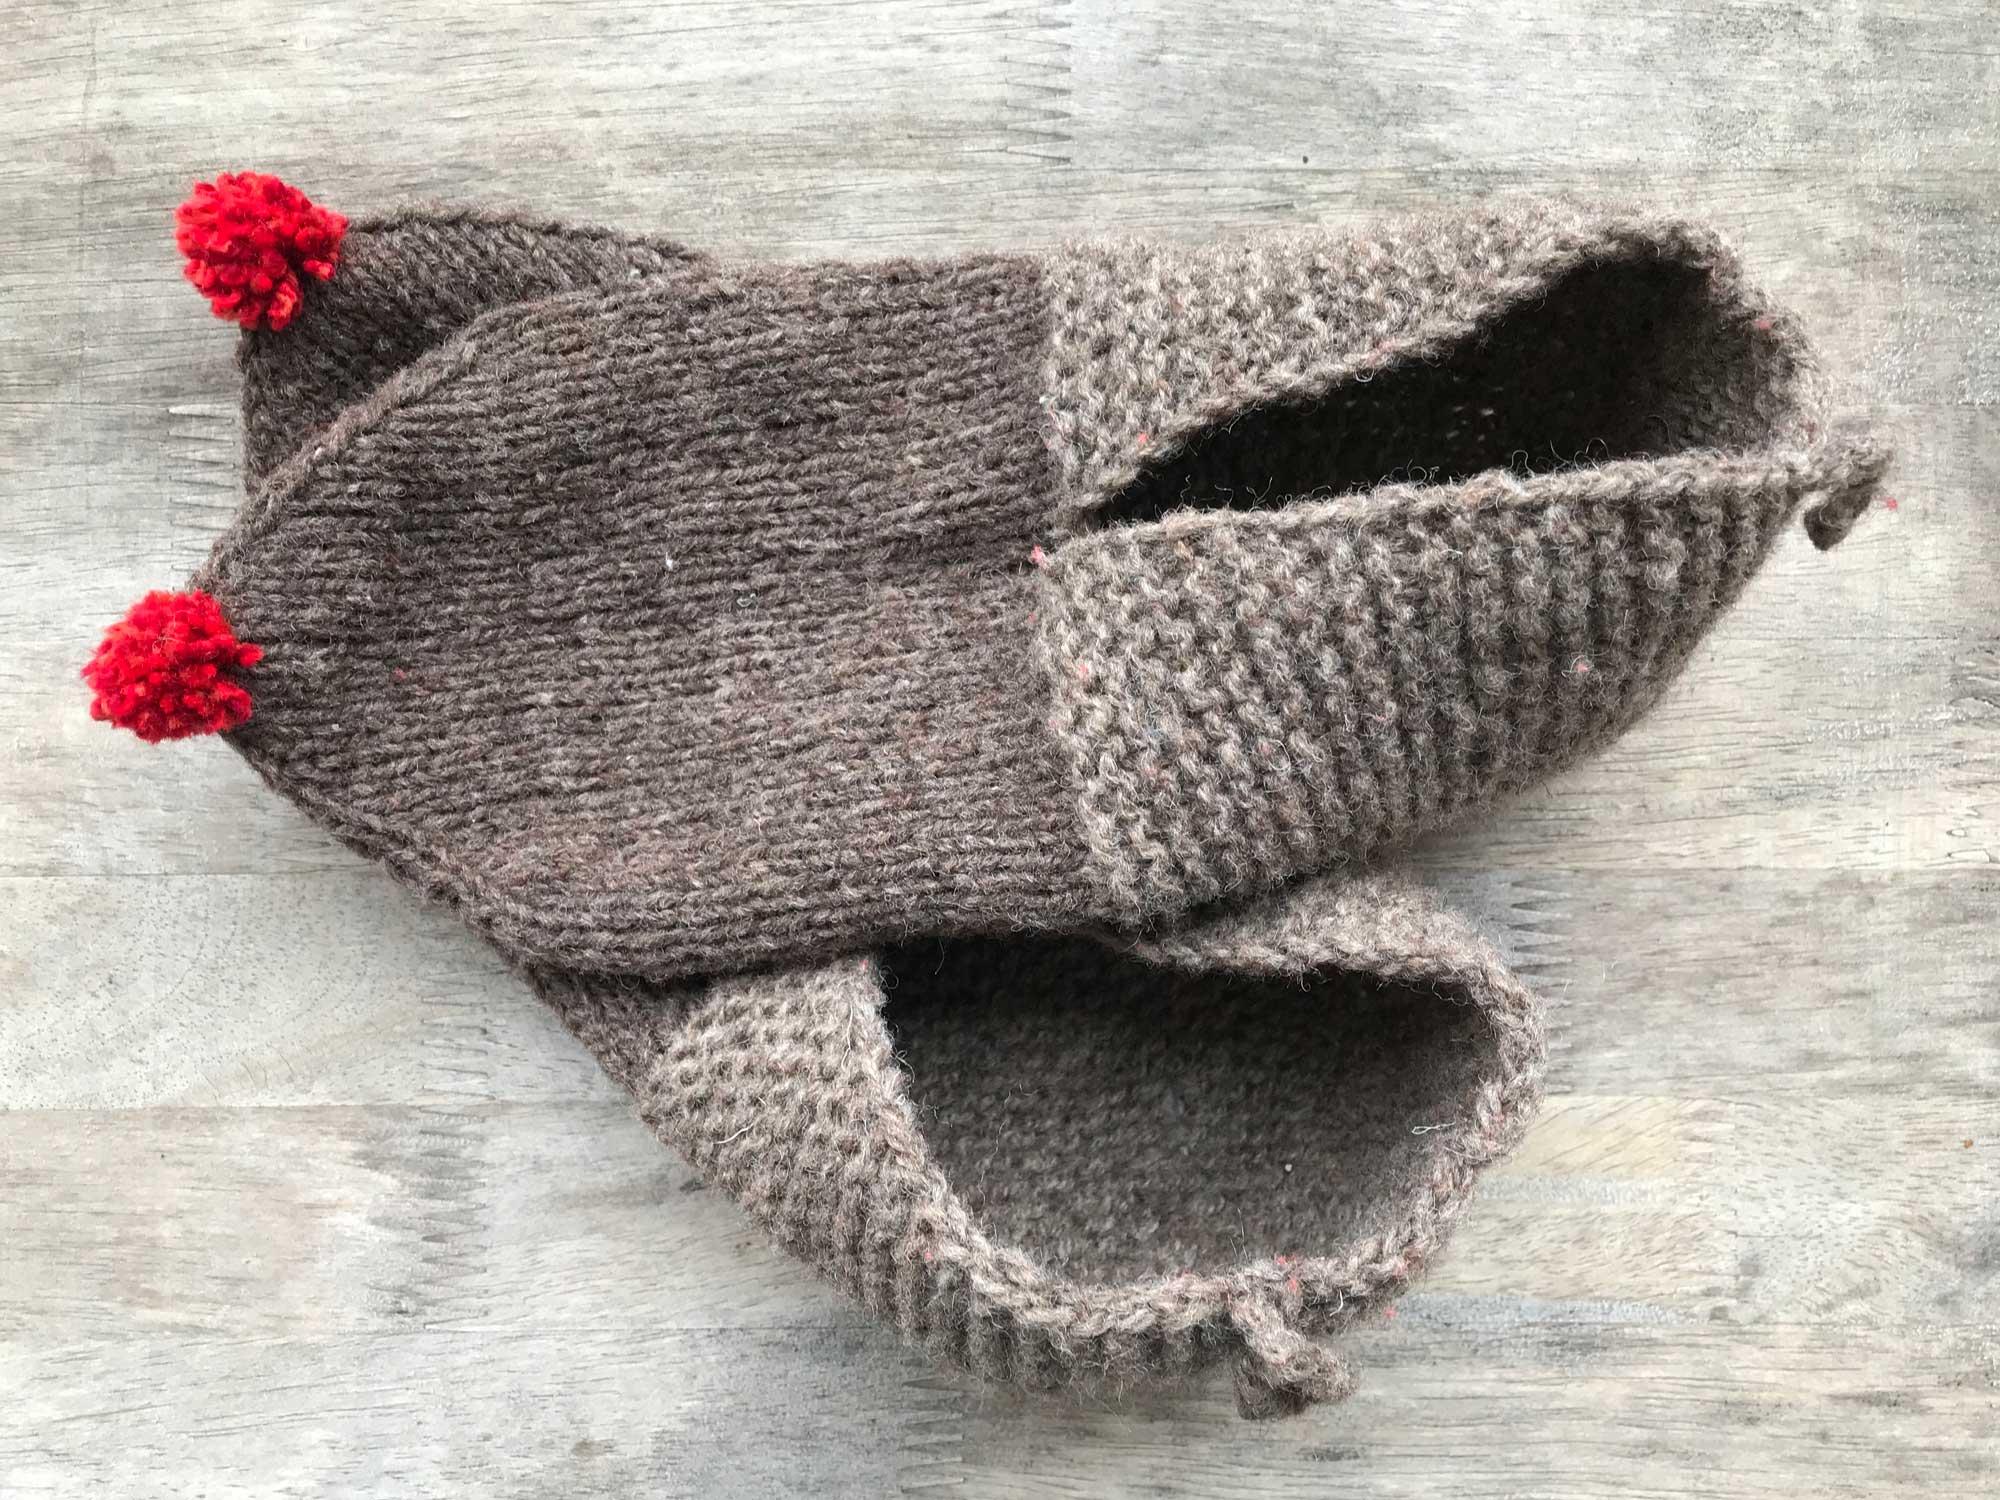 Griechenland Hausschuhe Stricken Bommel Socken Wollwaerts